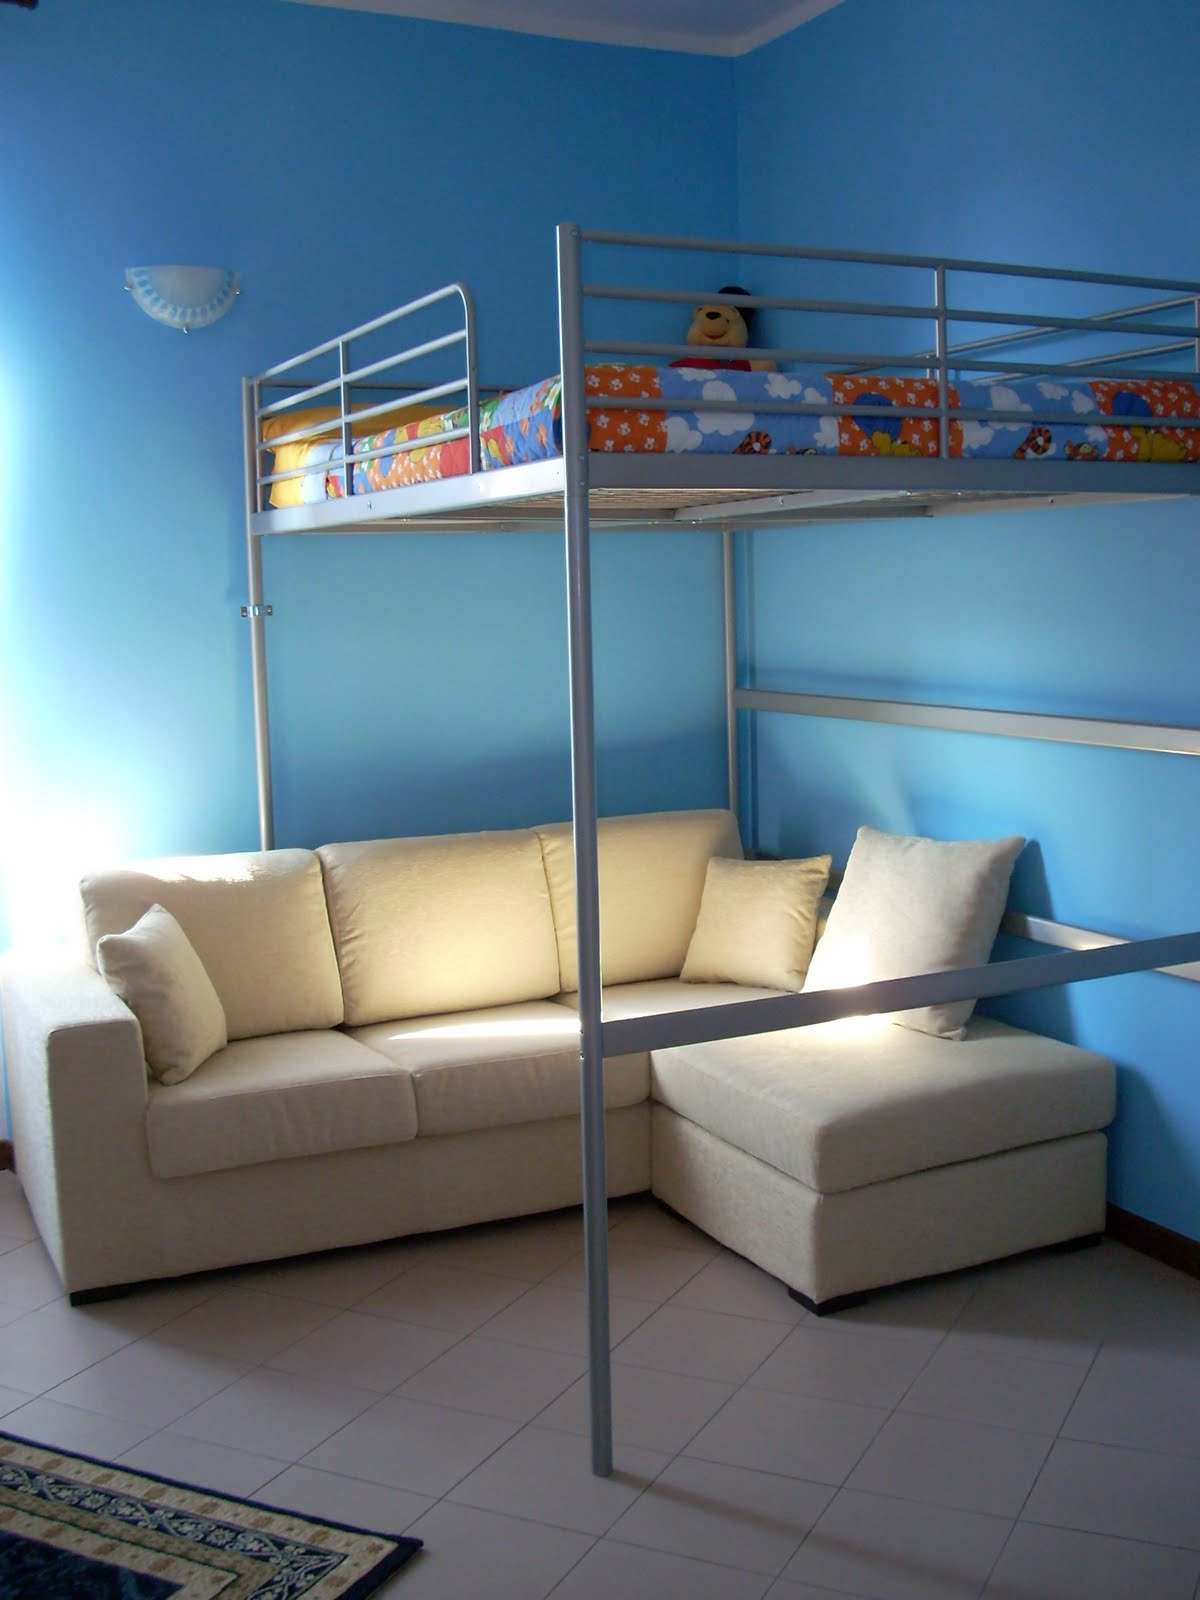 Divano letto ikea nuovo mai usato design for Cerco divano letto usato a milano